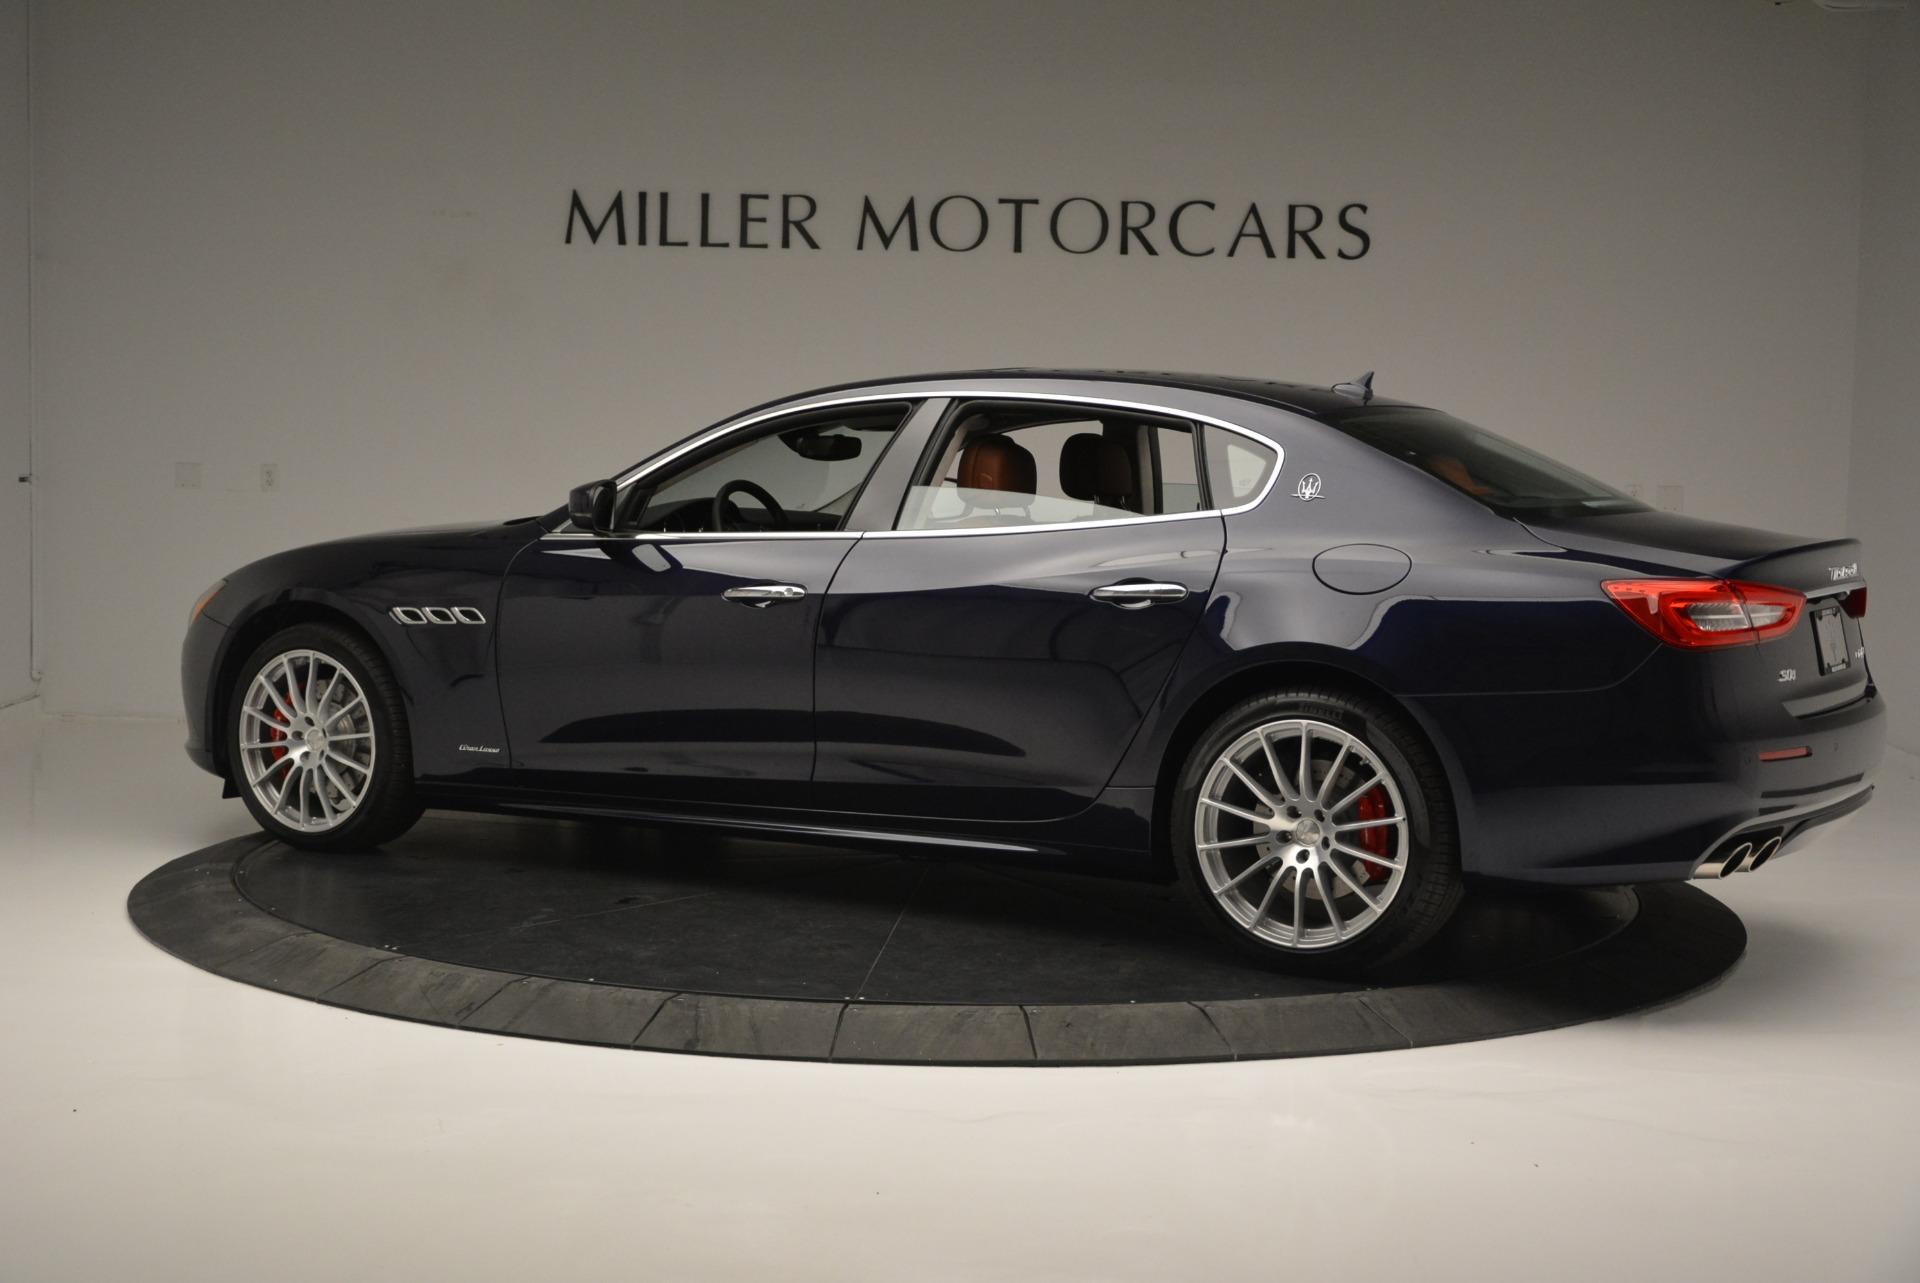 New 2018 Maserati Quattroporte S Q4 GranLusso For Sale In Westport, CT 1859_p4